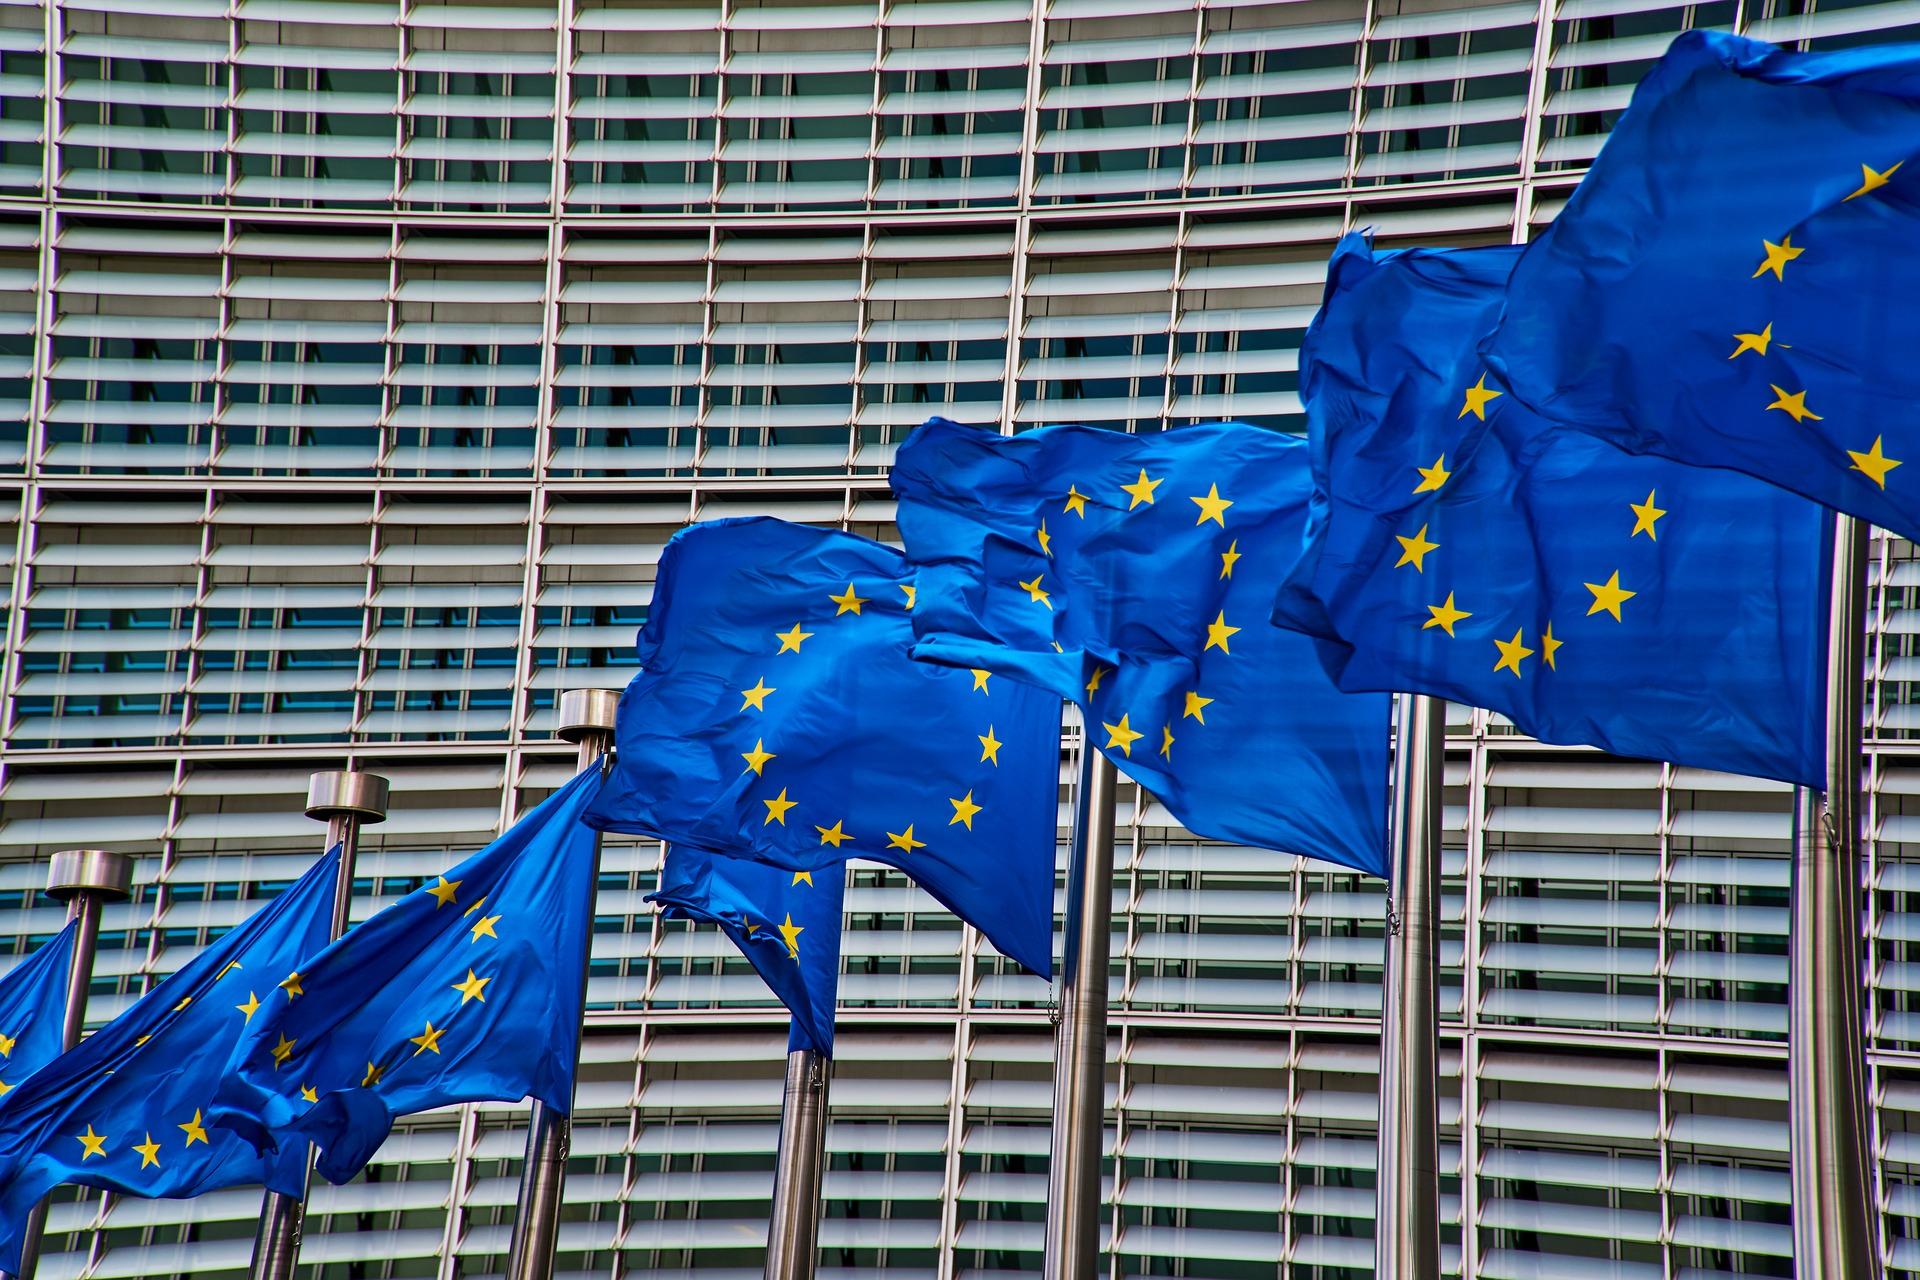 нет евросоюзу картинки темно-зеленые листья глубокими